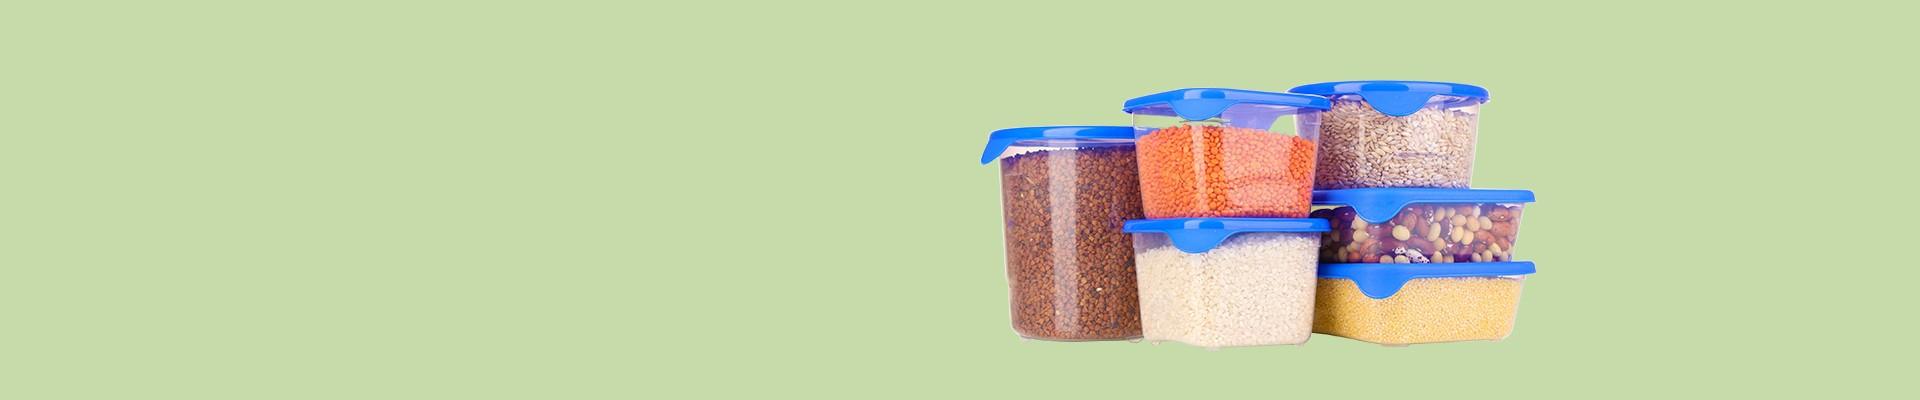 Jual Tempat Penyimpanan Makanan - Harga Lebih Murah